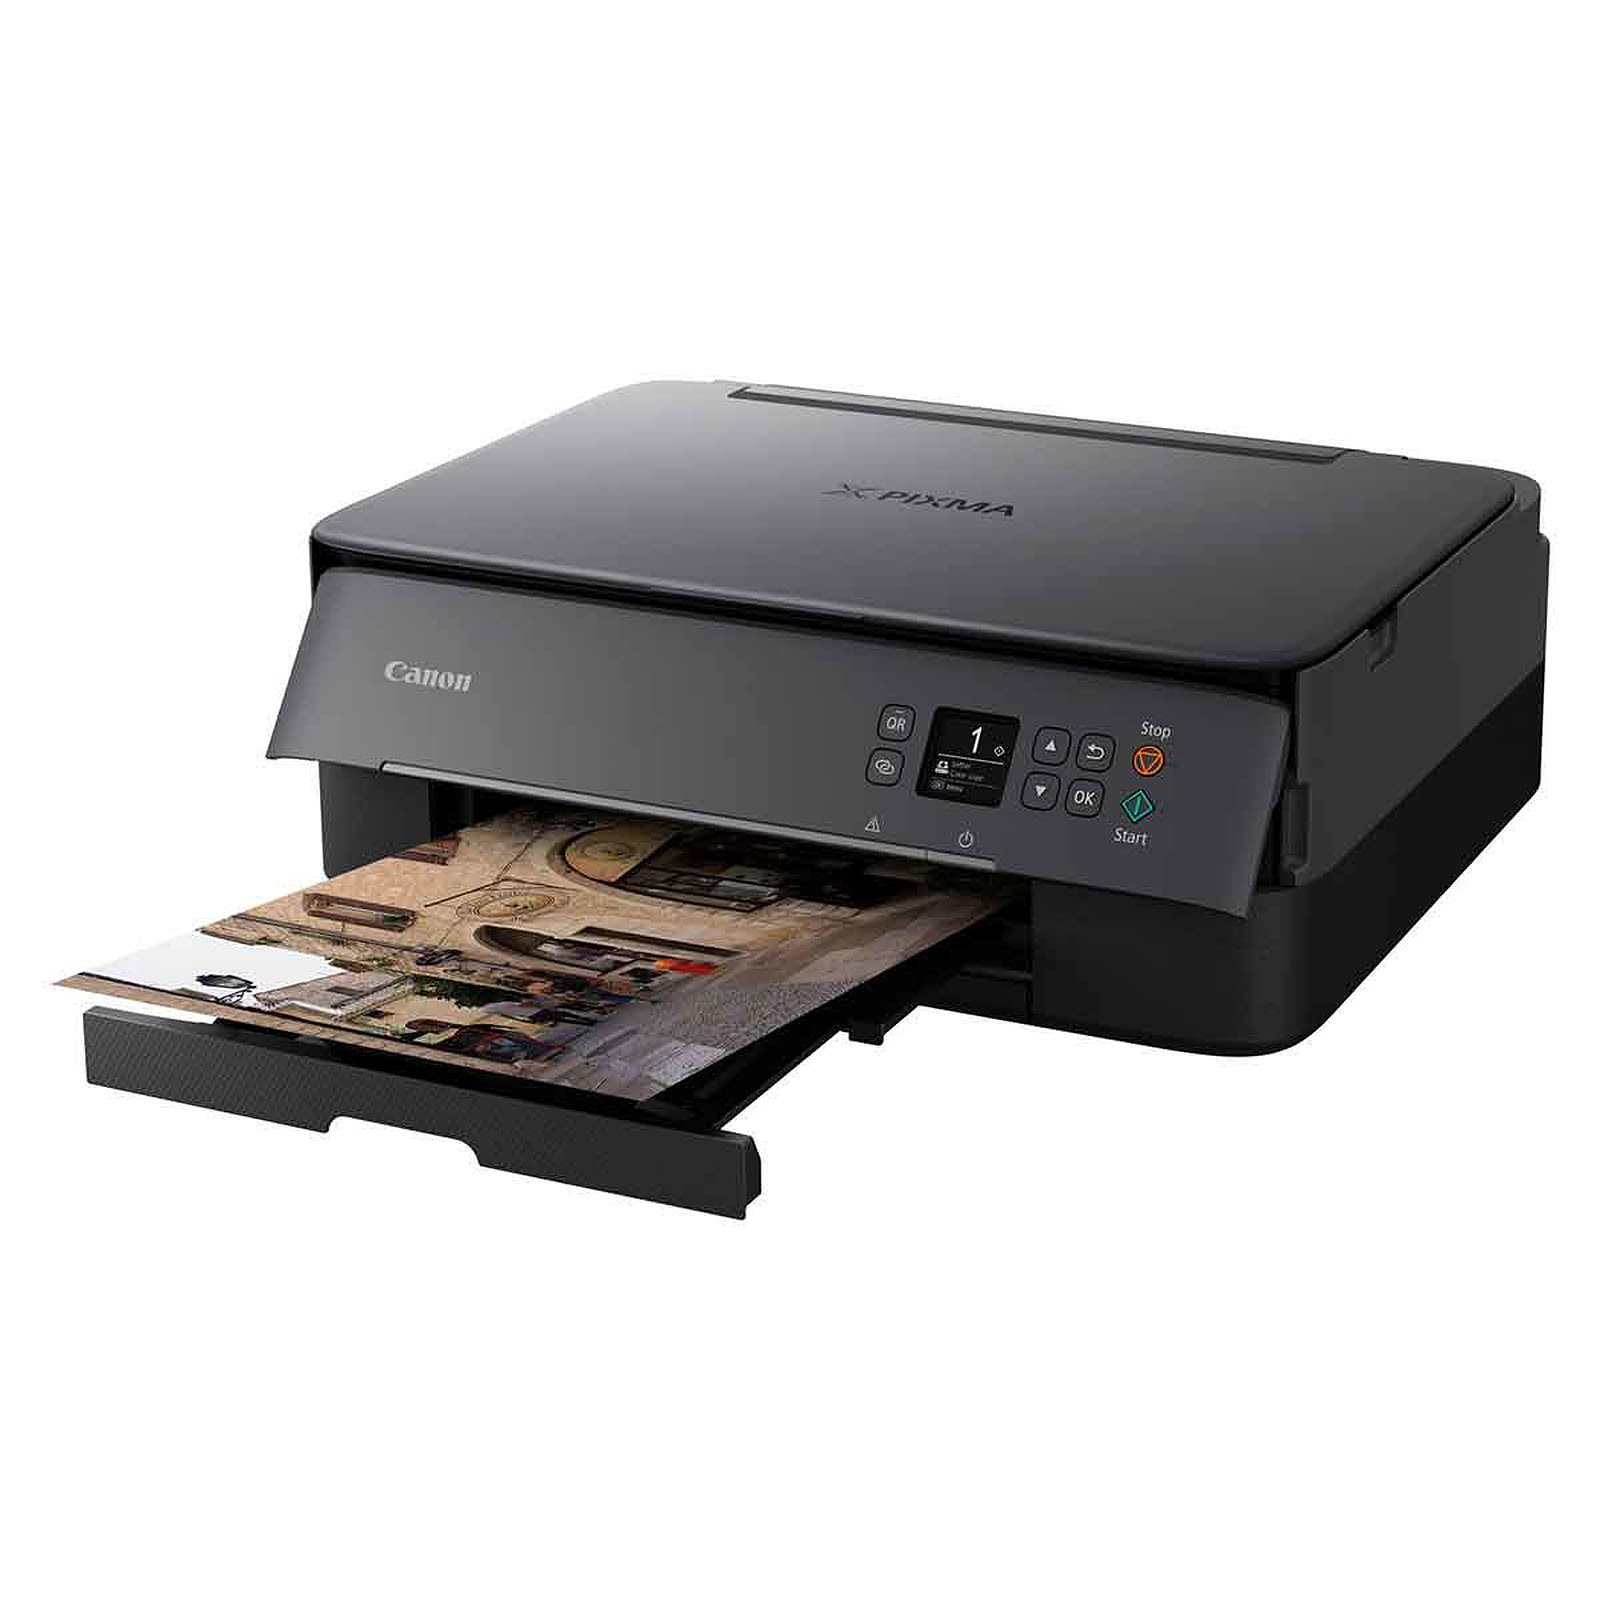 PIXMA TS5350 (3773C006) - Achat / Vente Imprimante multifonction sur Picata.fr - 2